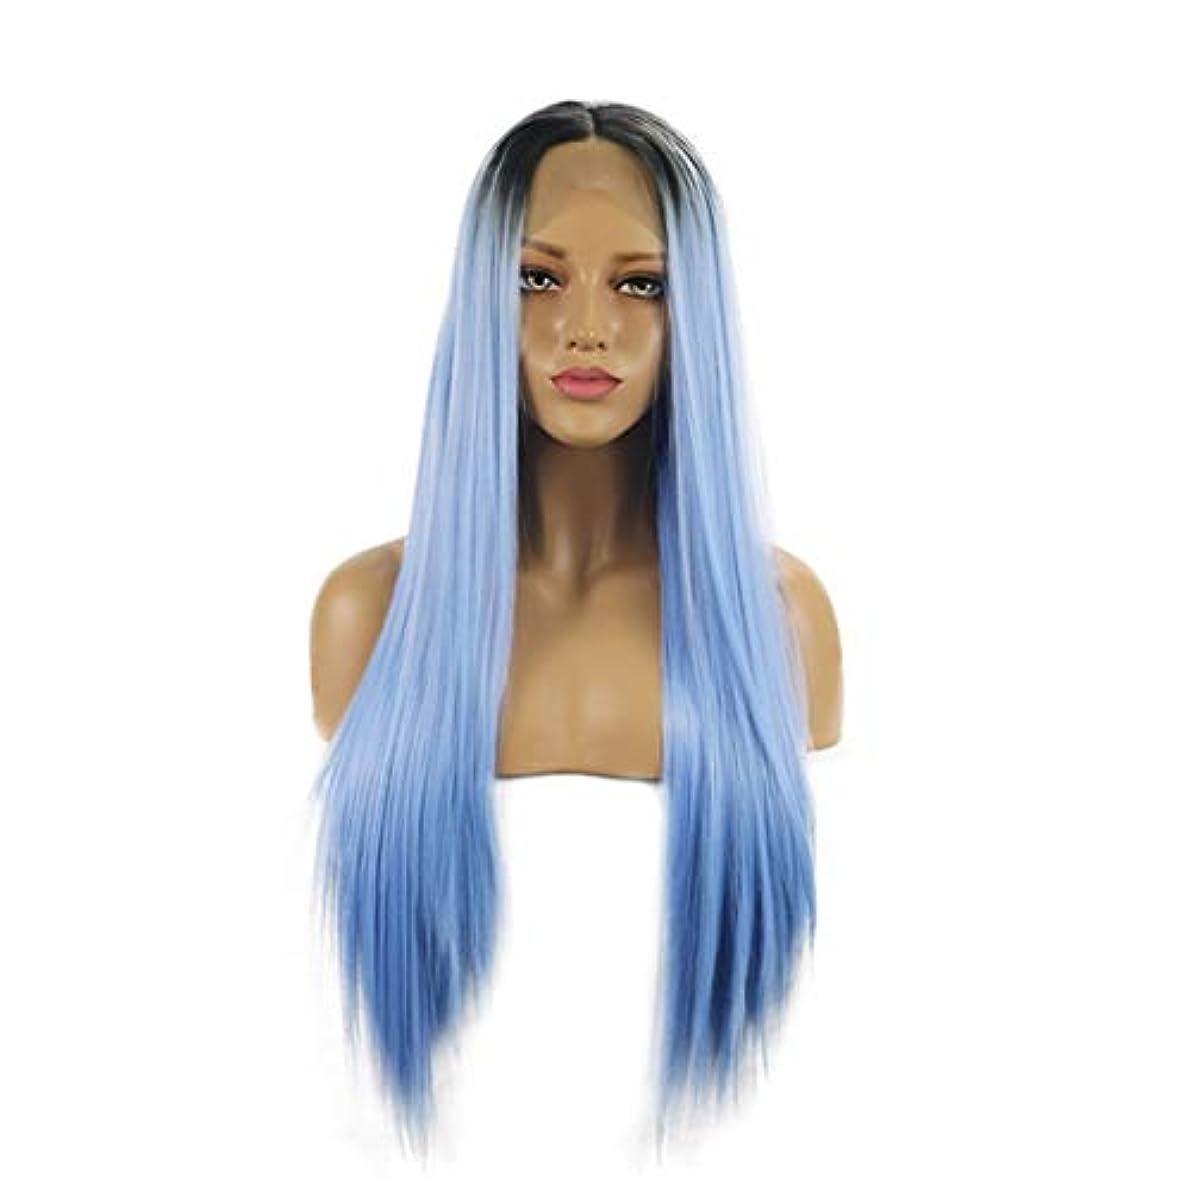 メロディアス最悪繁殖Koloeplf 耐熱性の自然な女性のための長いまっすぐな総合的な毛のレースの前部かつら (Size : 26inch)